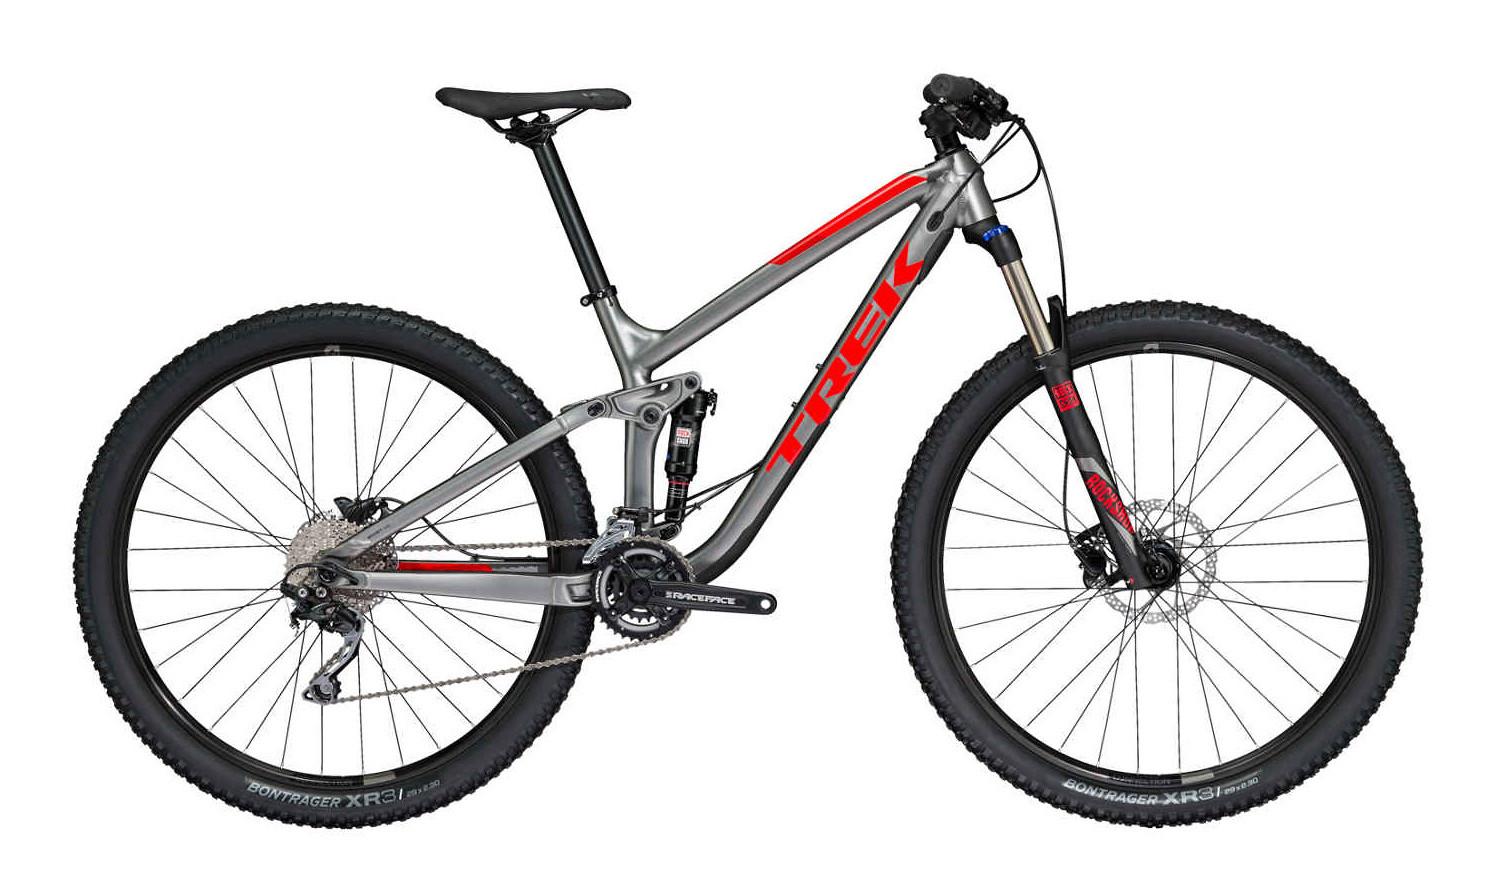 7dcae6531a1 2018 Trek Fuel EX 5 29 Bike - Reviews, Comparisons, Specs - Mountain ...